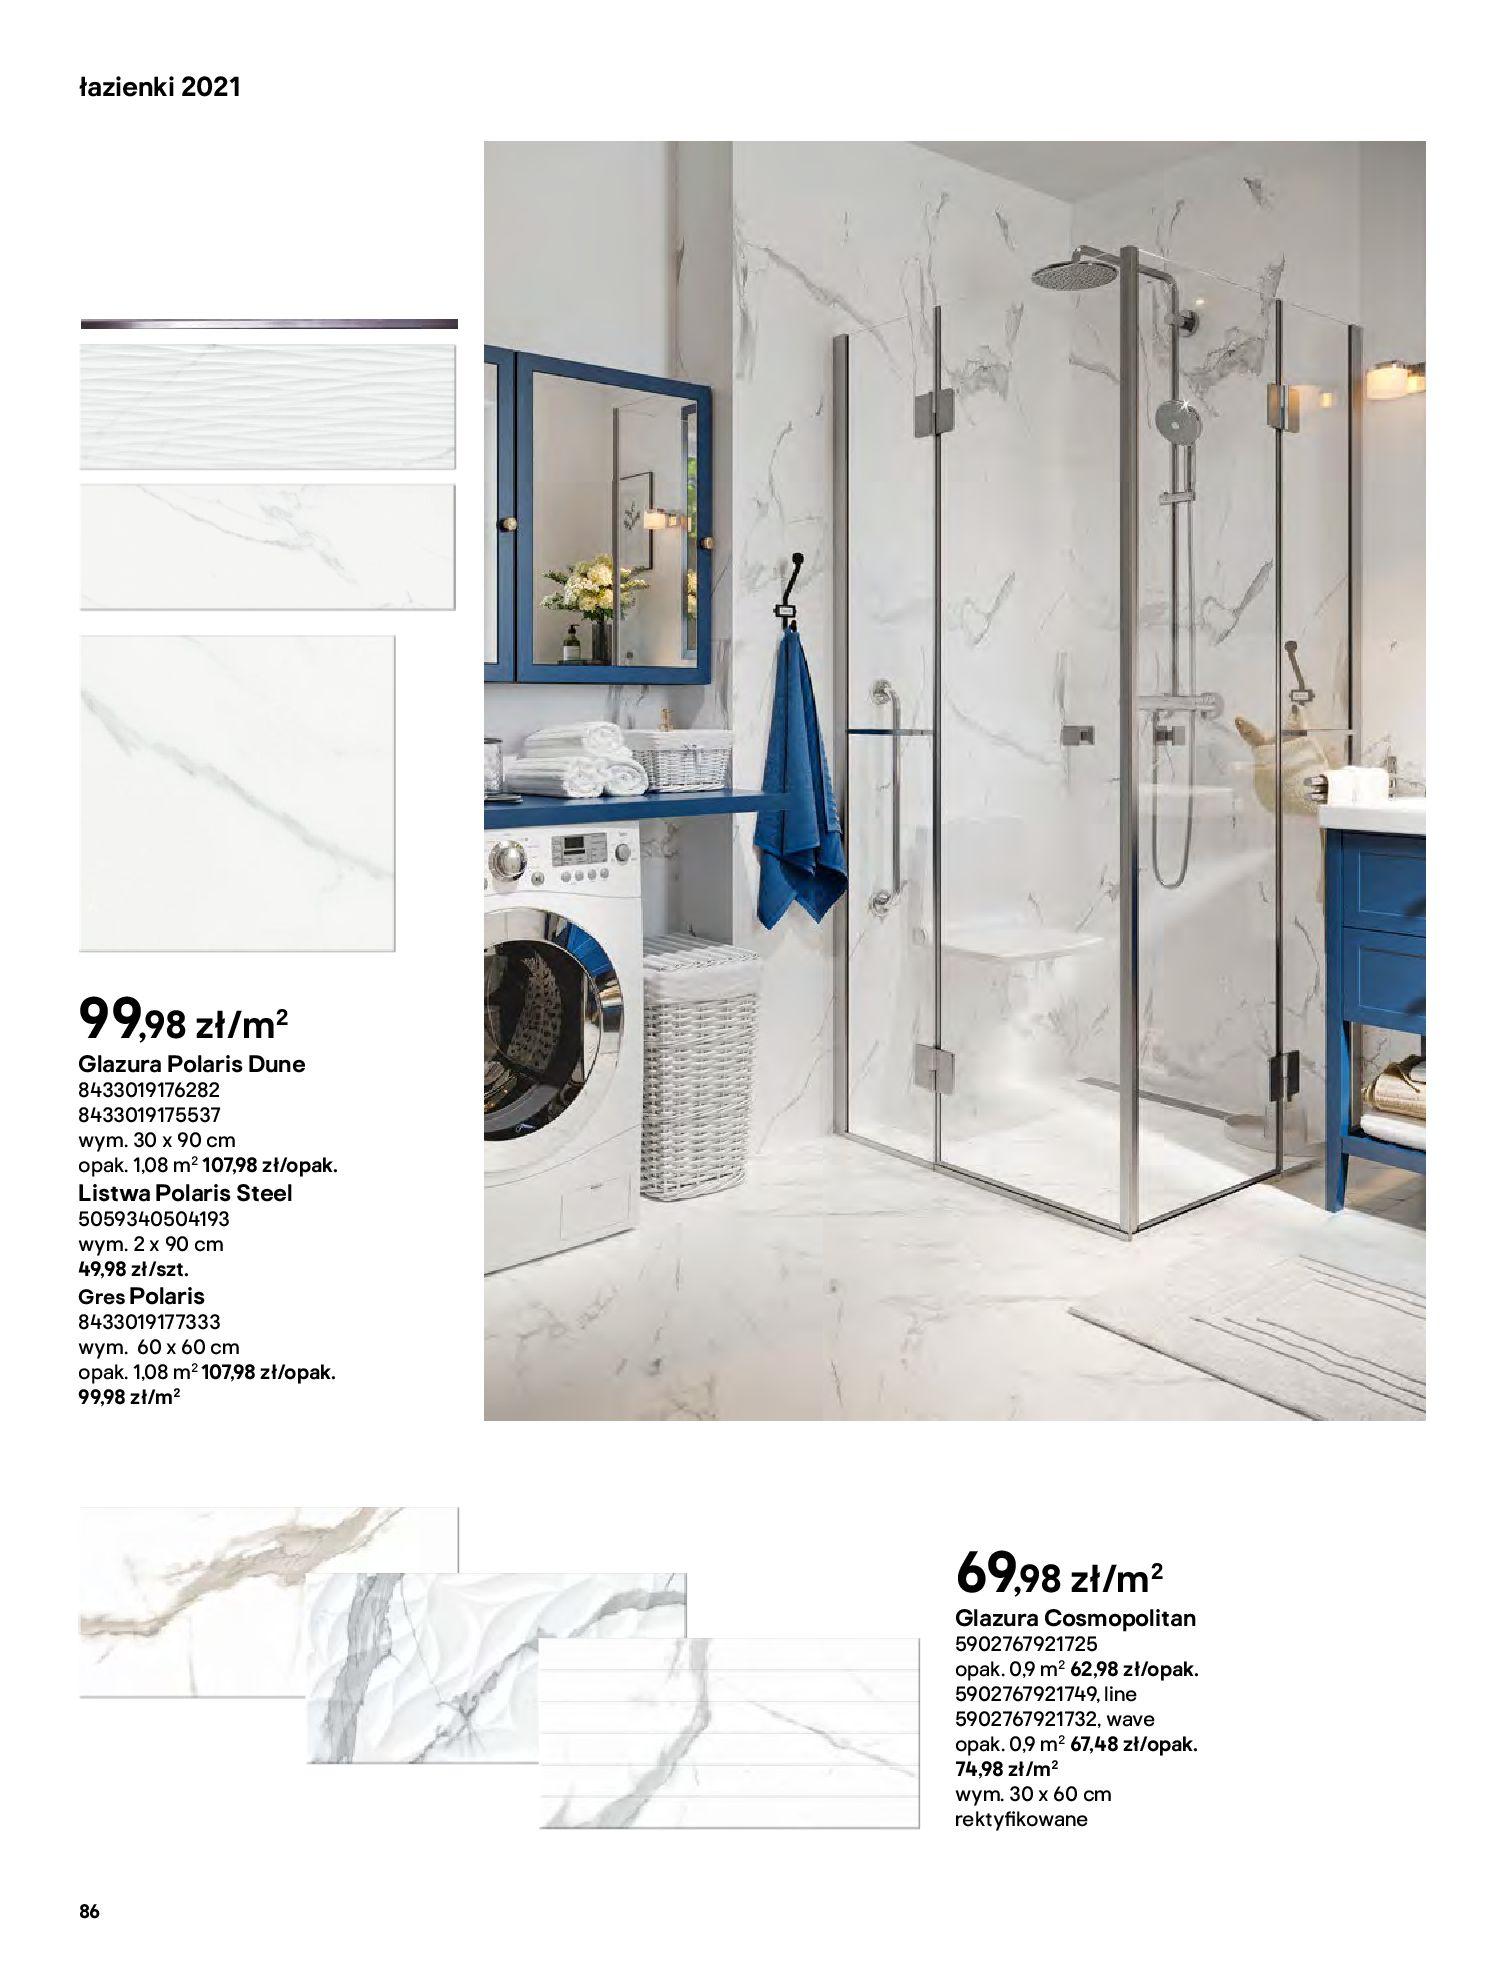 Gazetka Castorama: Gazetka Castorama - katalog łazienki 2021 2021-06-16 page-86